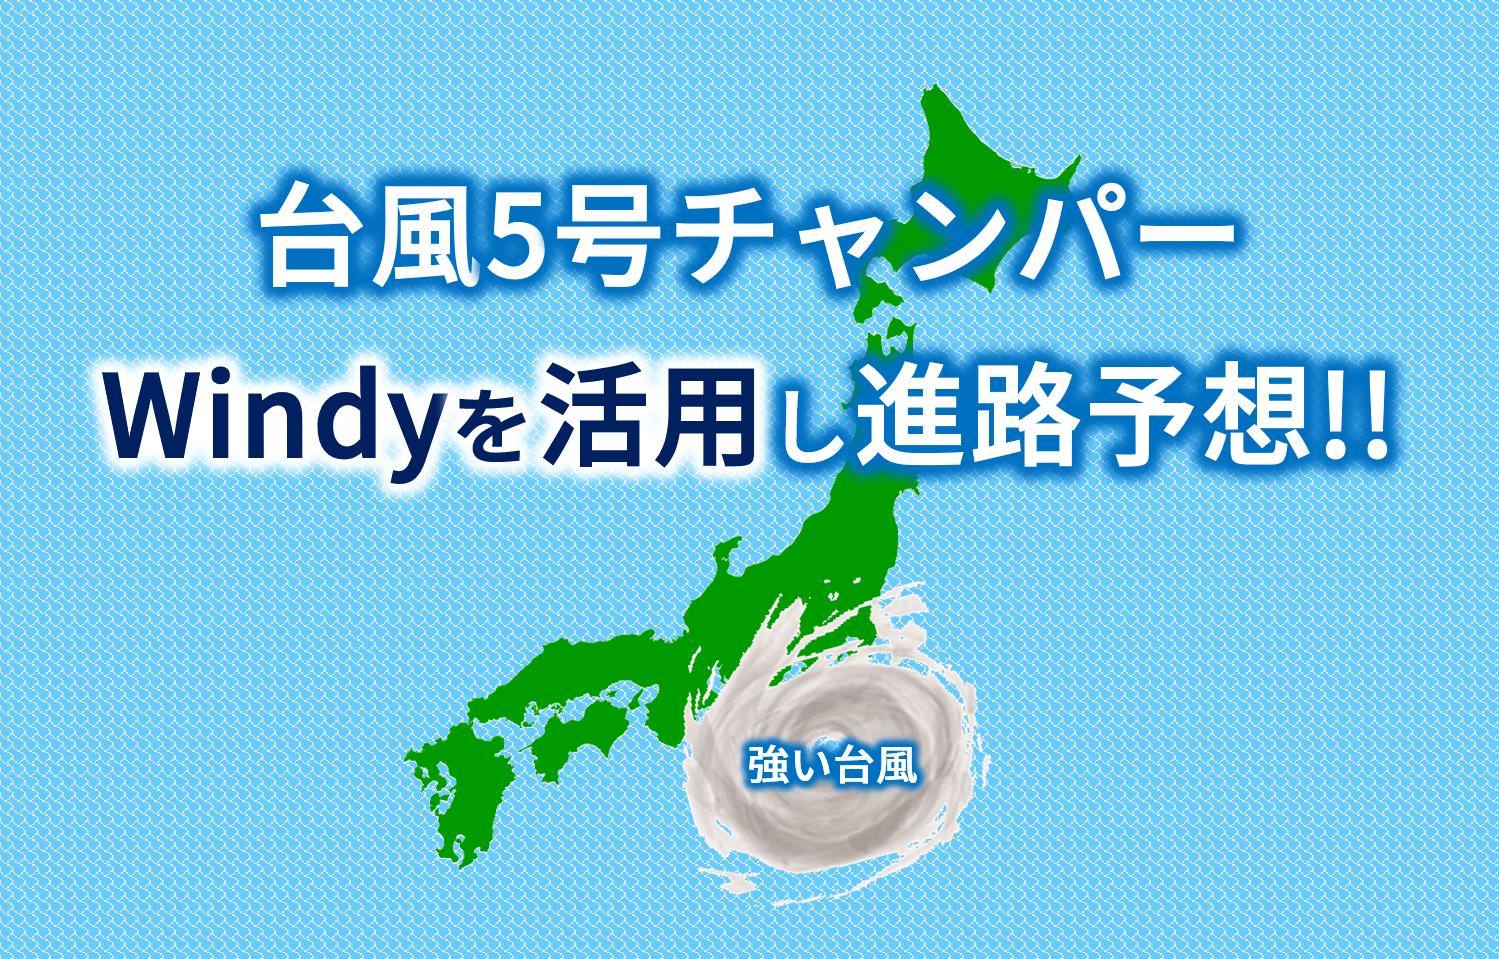 台風5号Windy進路予想